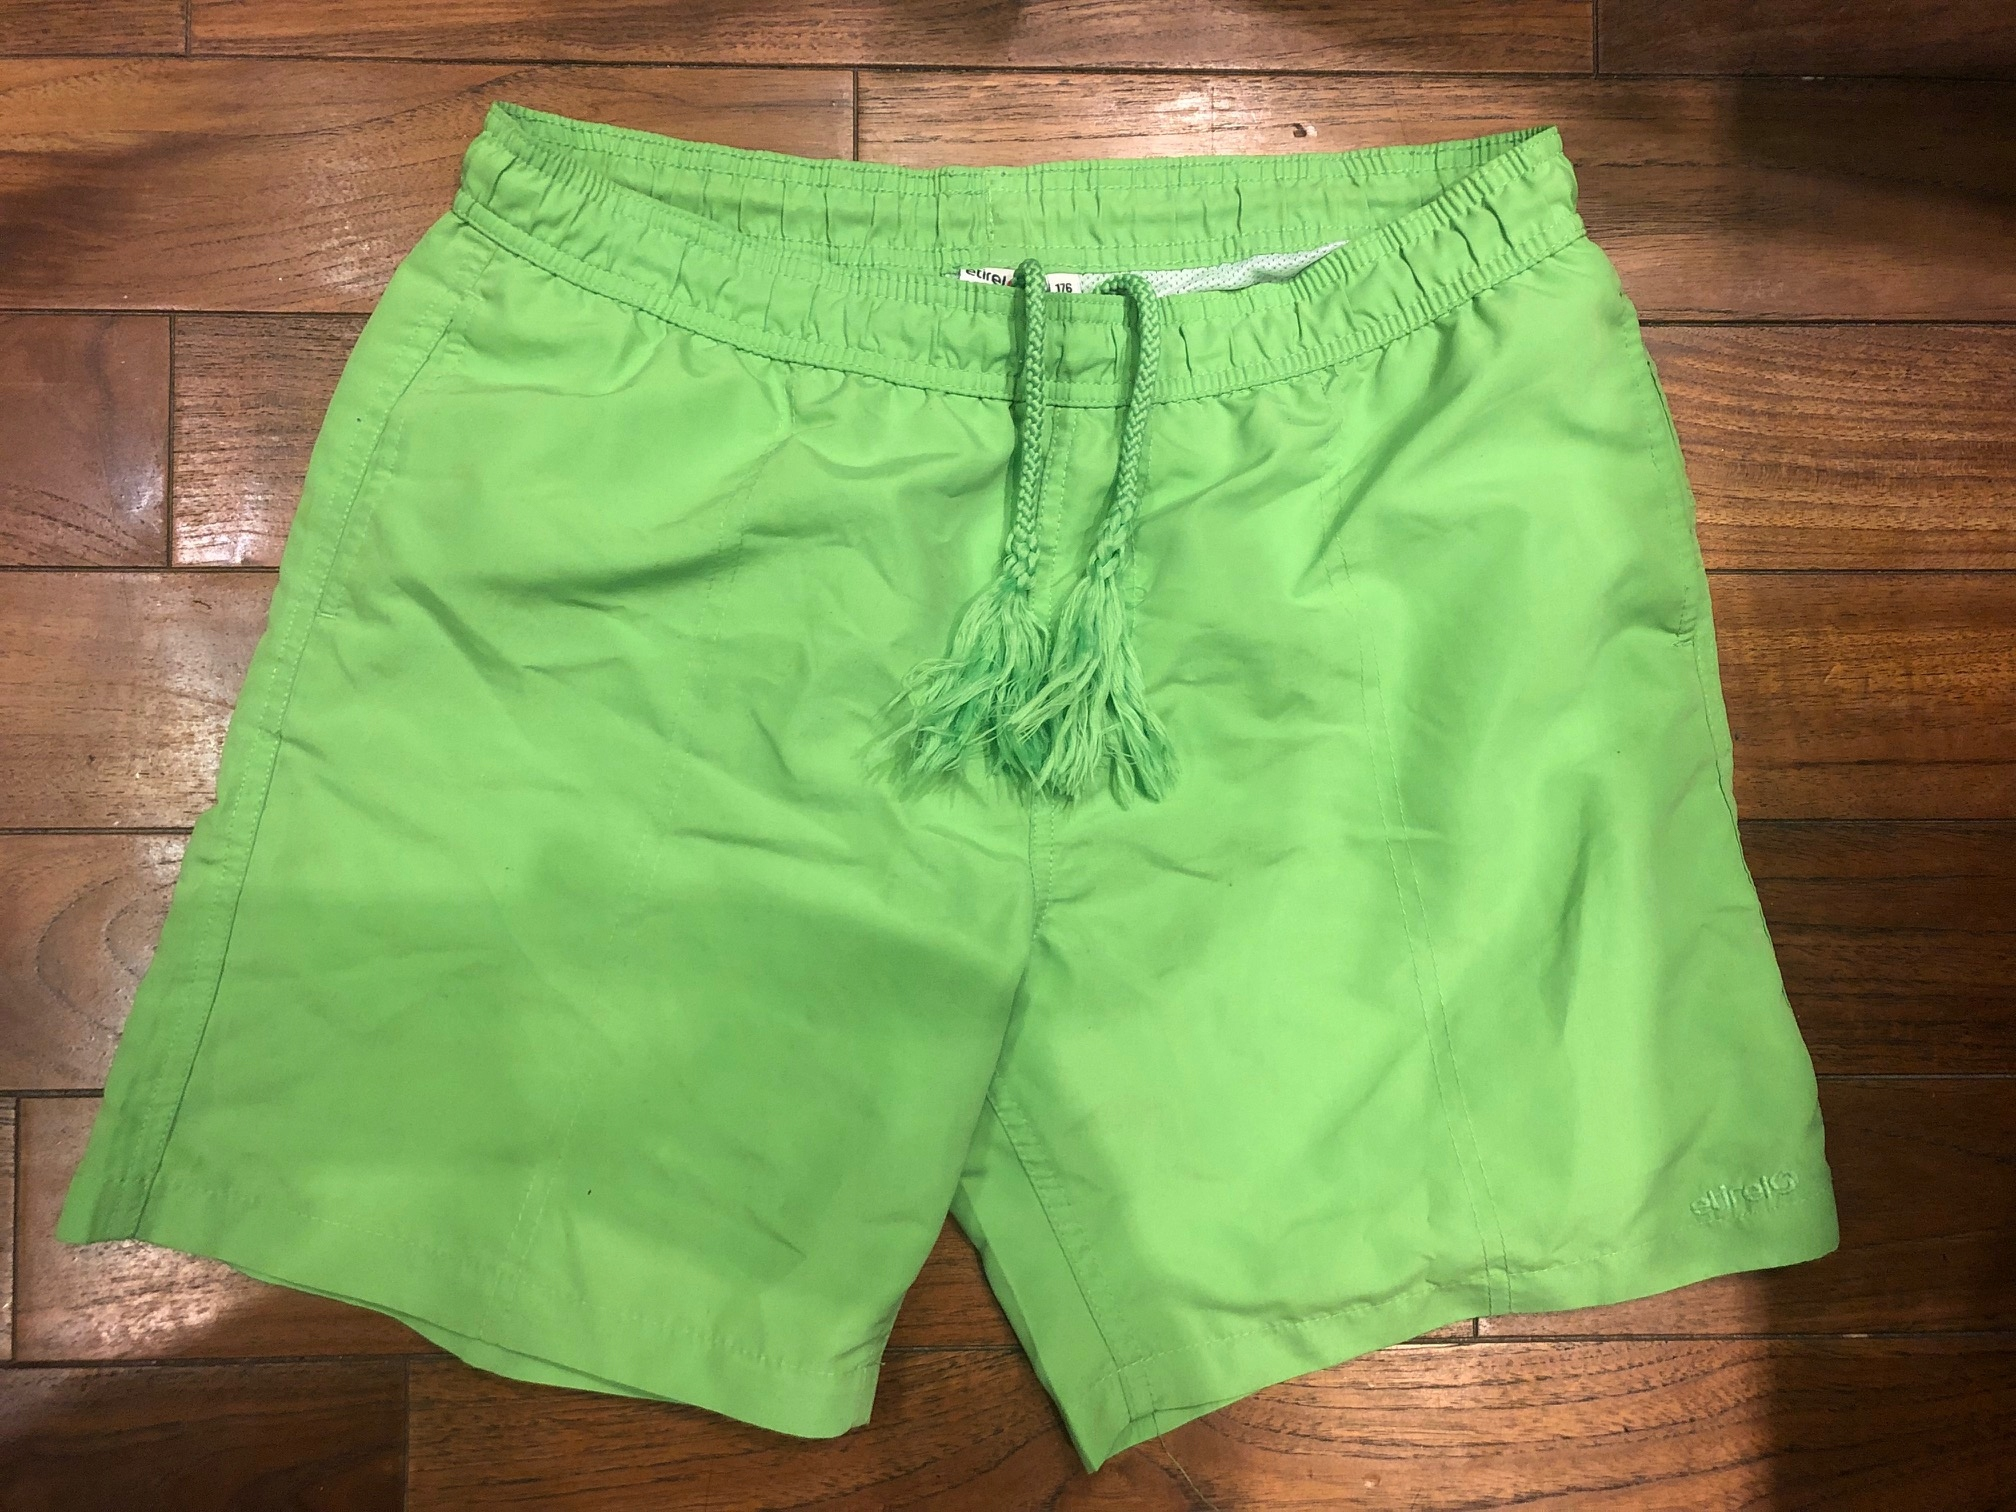 ETIREL kąpielówki szorty zielone 176cm limonka